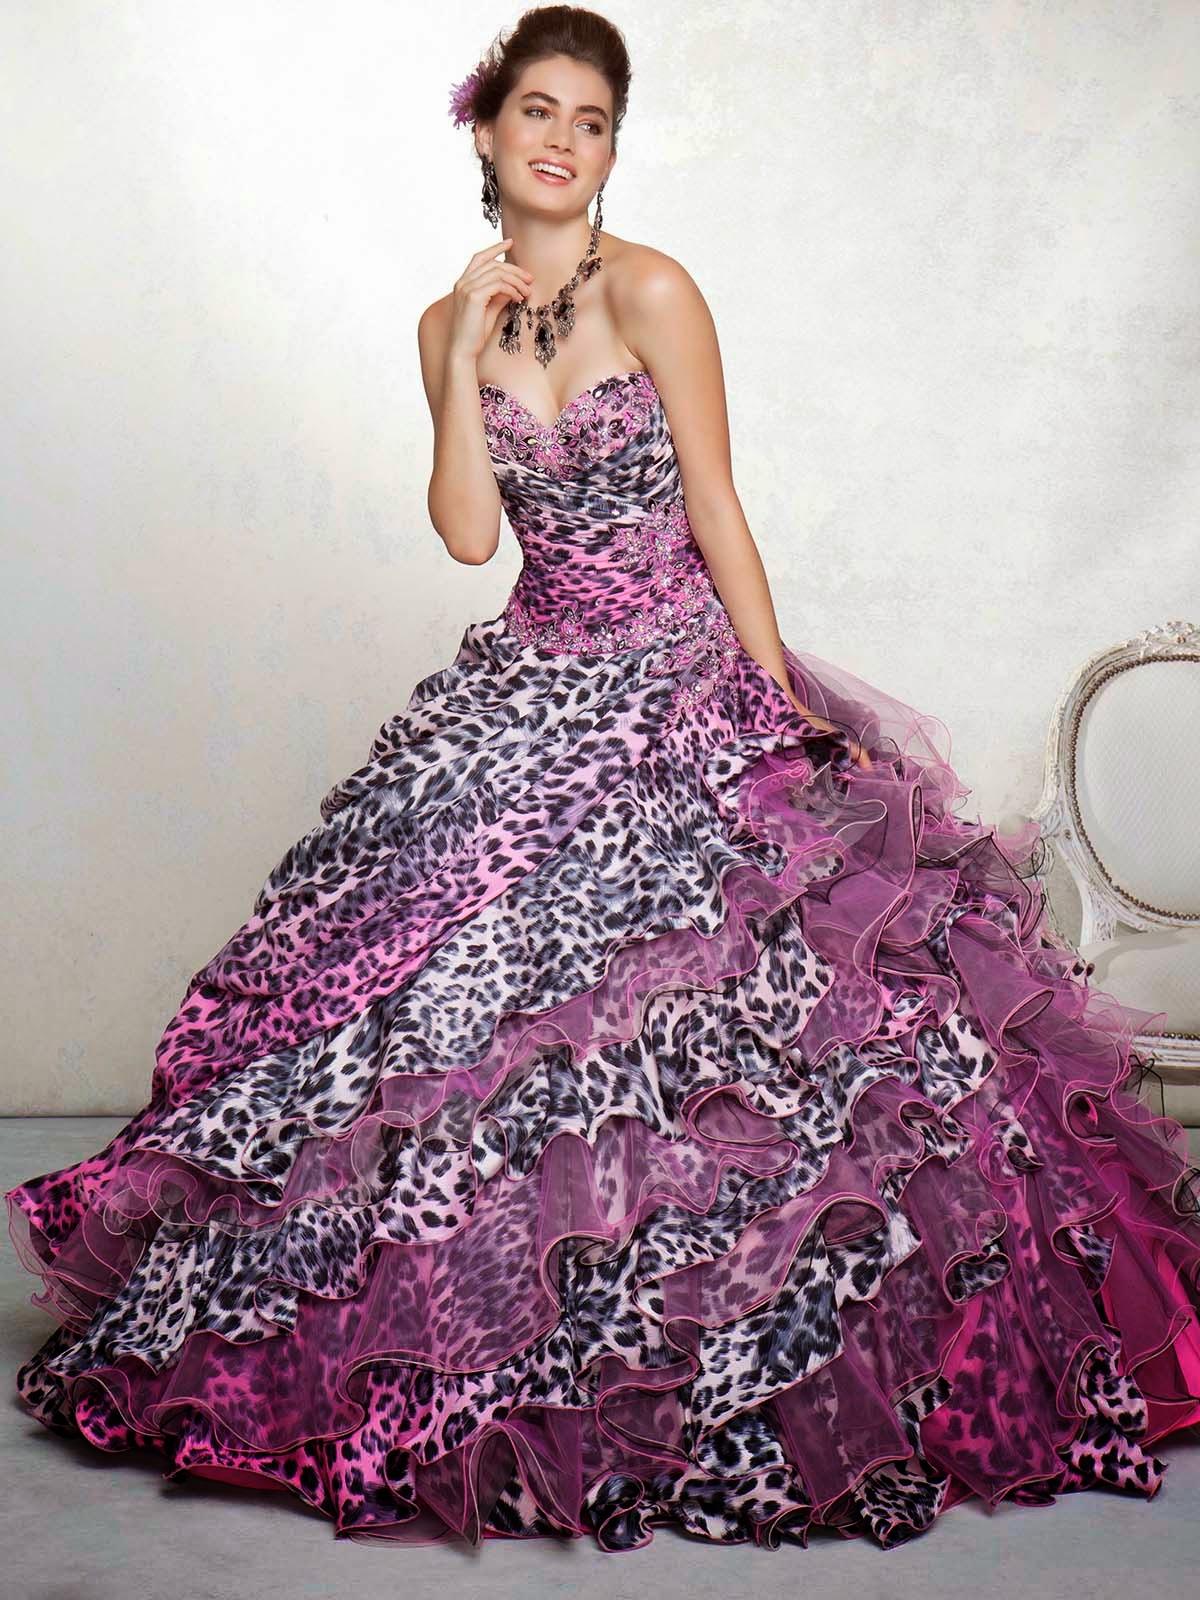 Excepcional Vestidos De Fiesta Tradicionales Colección de Imágenes ...